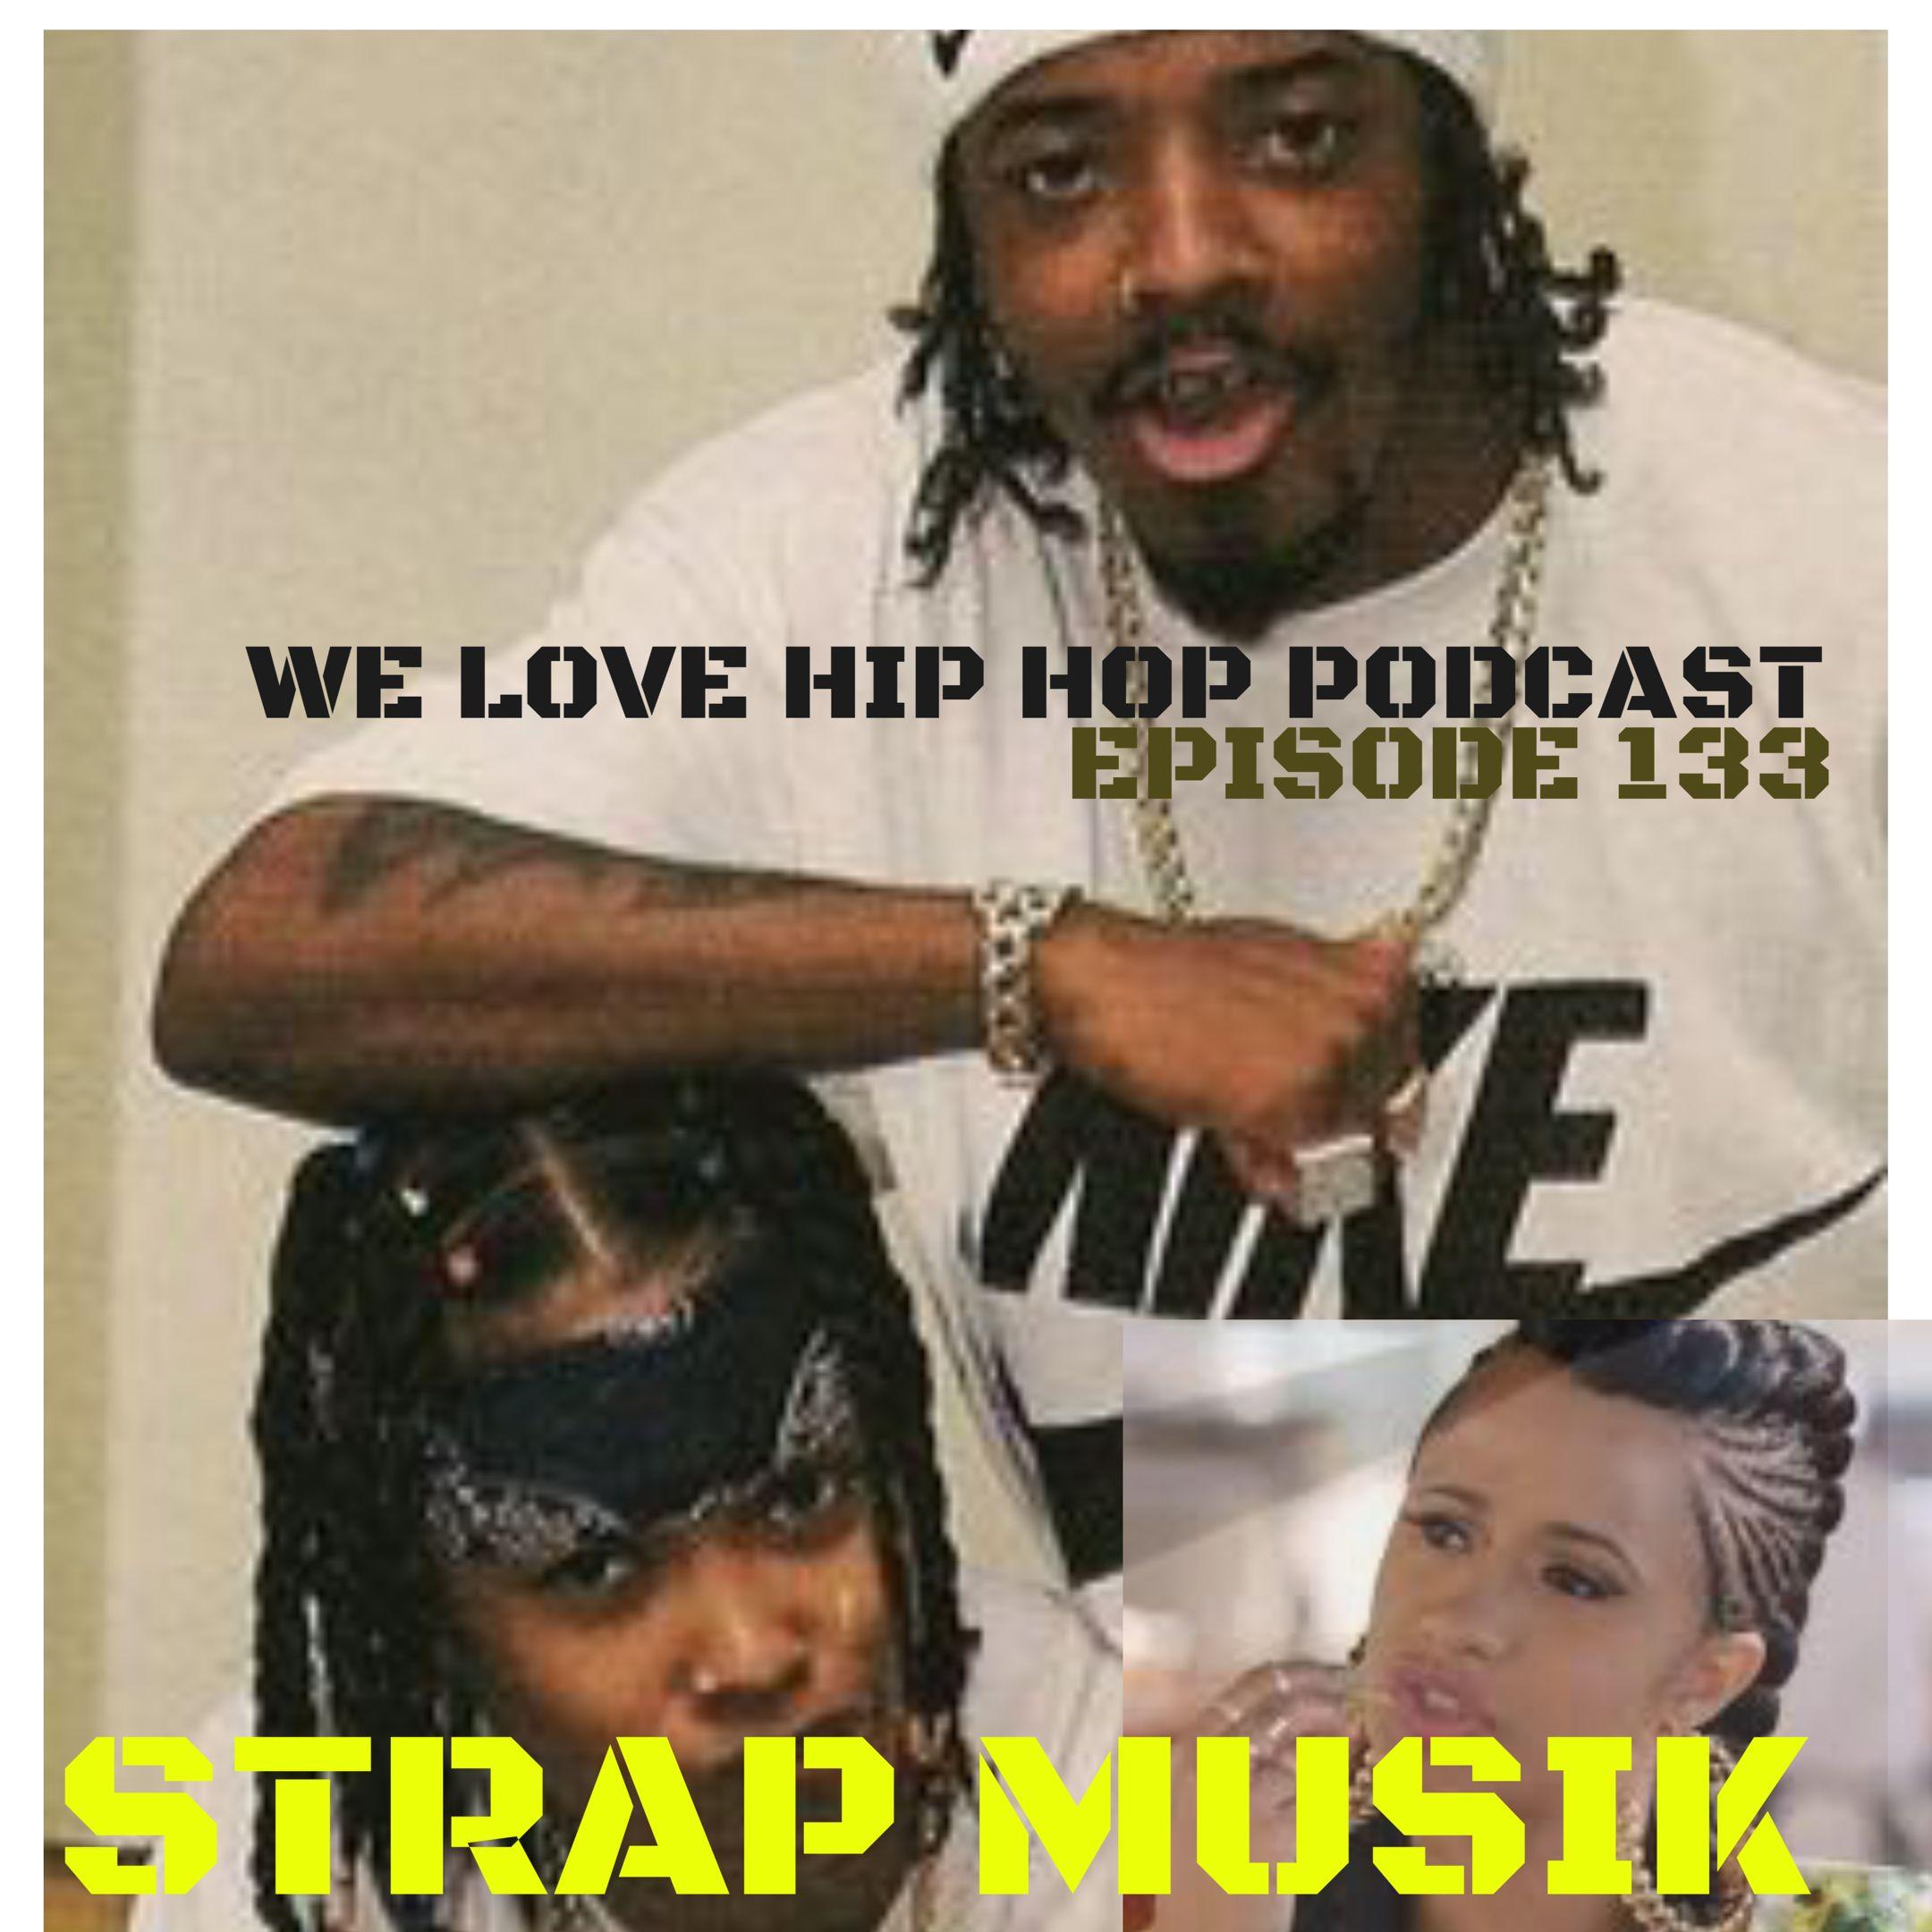 Best Episodes of We Love Hip Hop